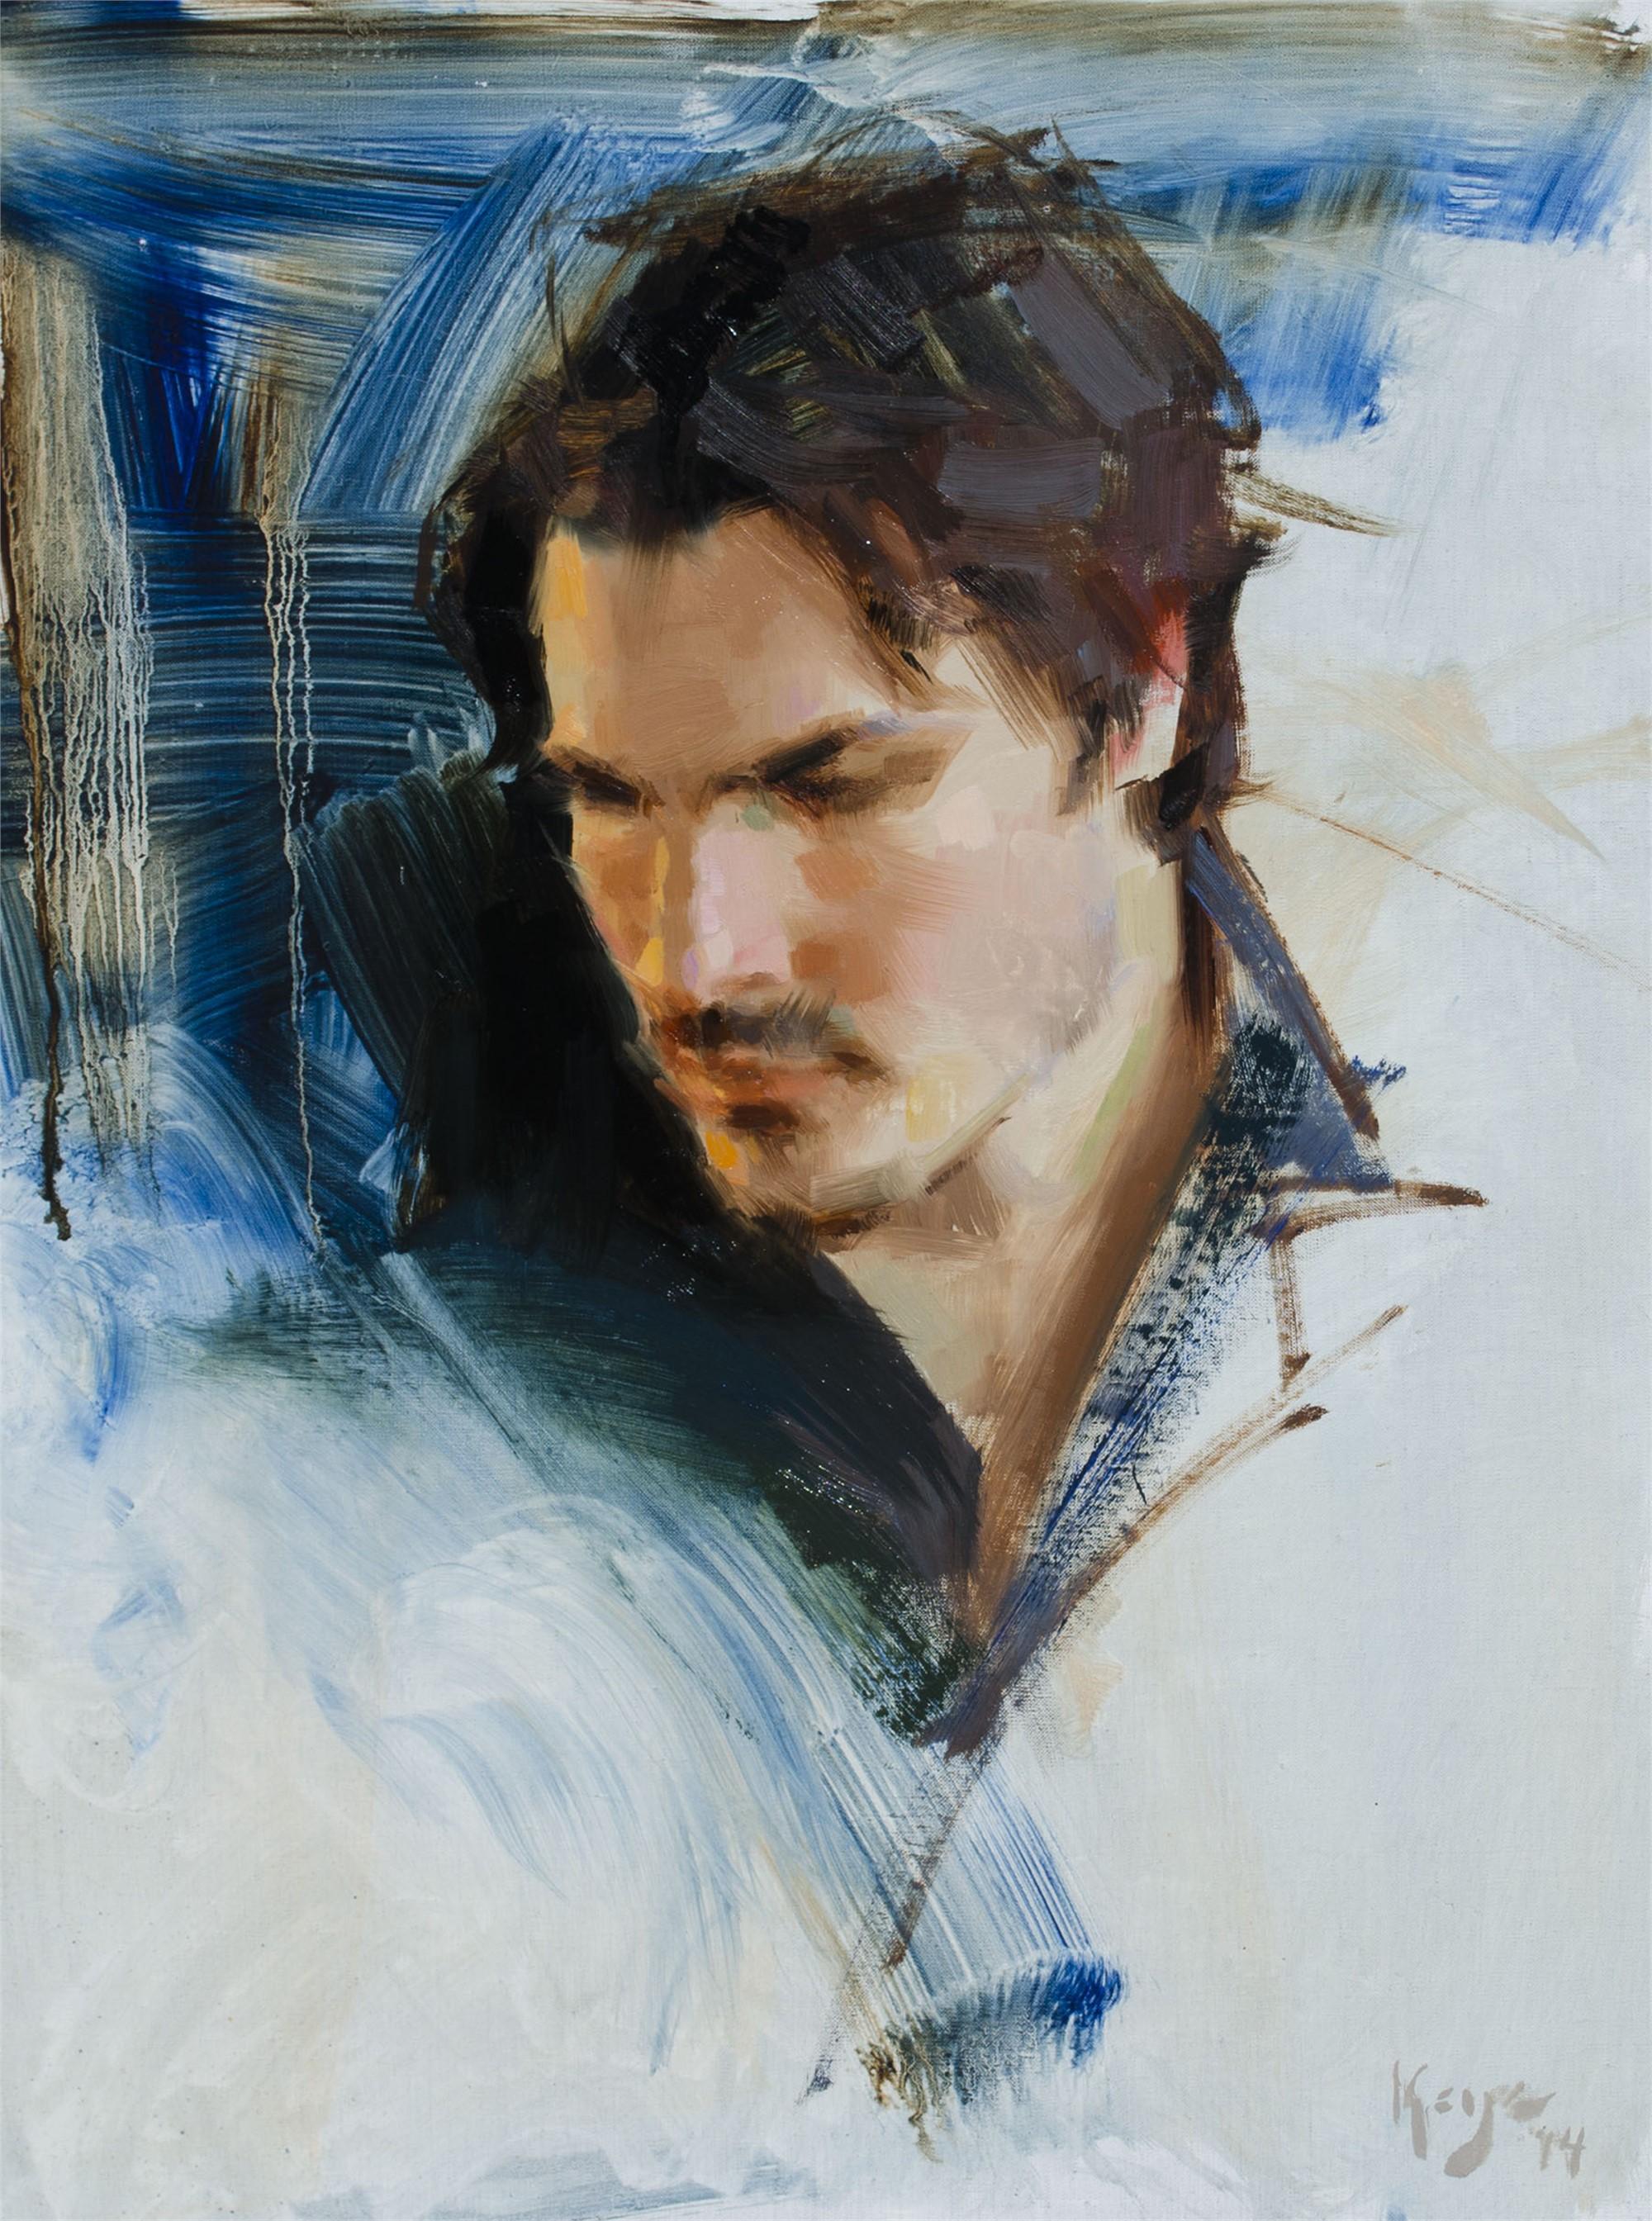 Tyler Sketch by Daniel Keys